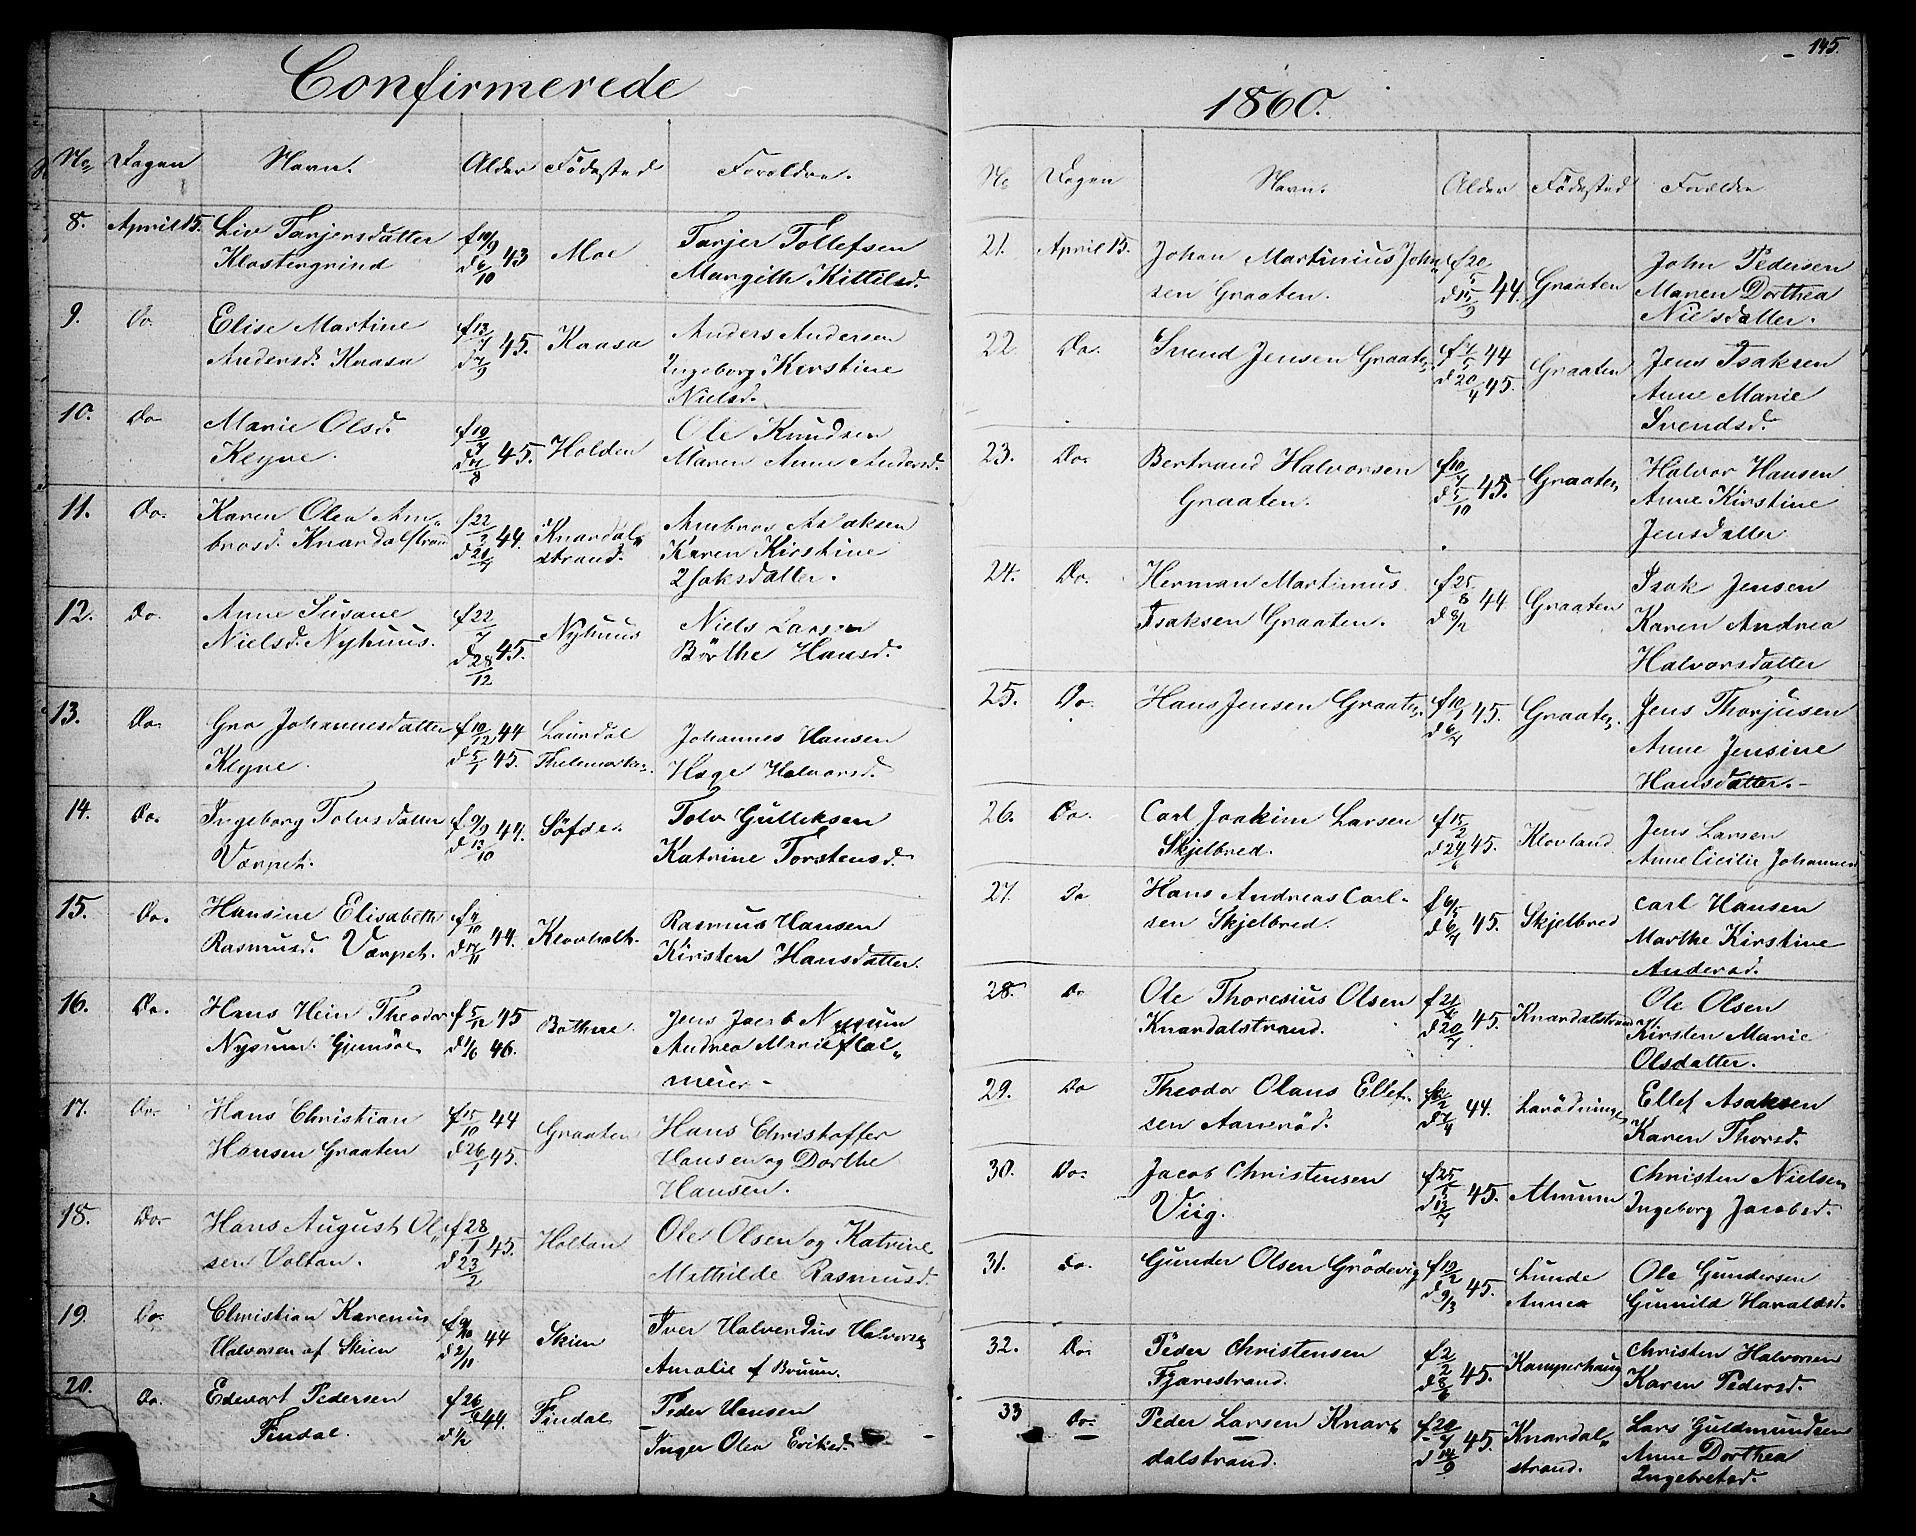 SAKO, Solum kirkebøker, G/Ga/L0004: Klokkerbok nr. I 4, 1859-1876, s. 145